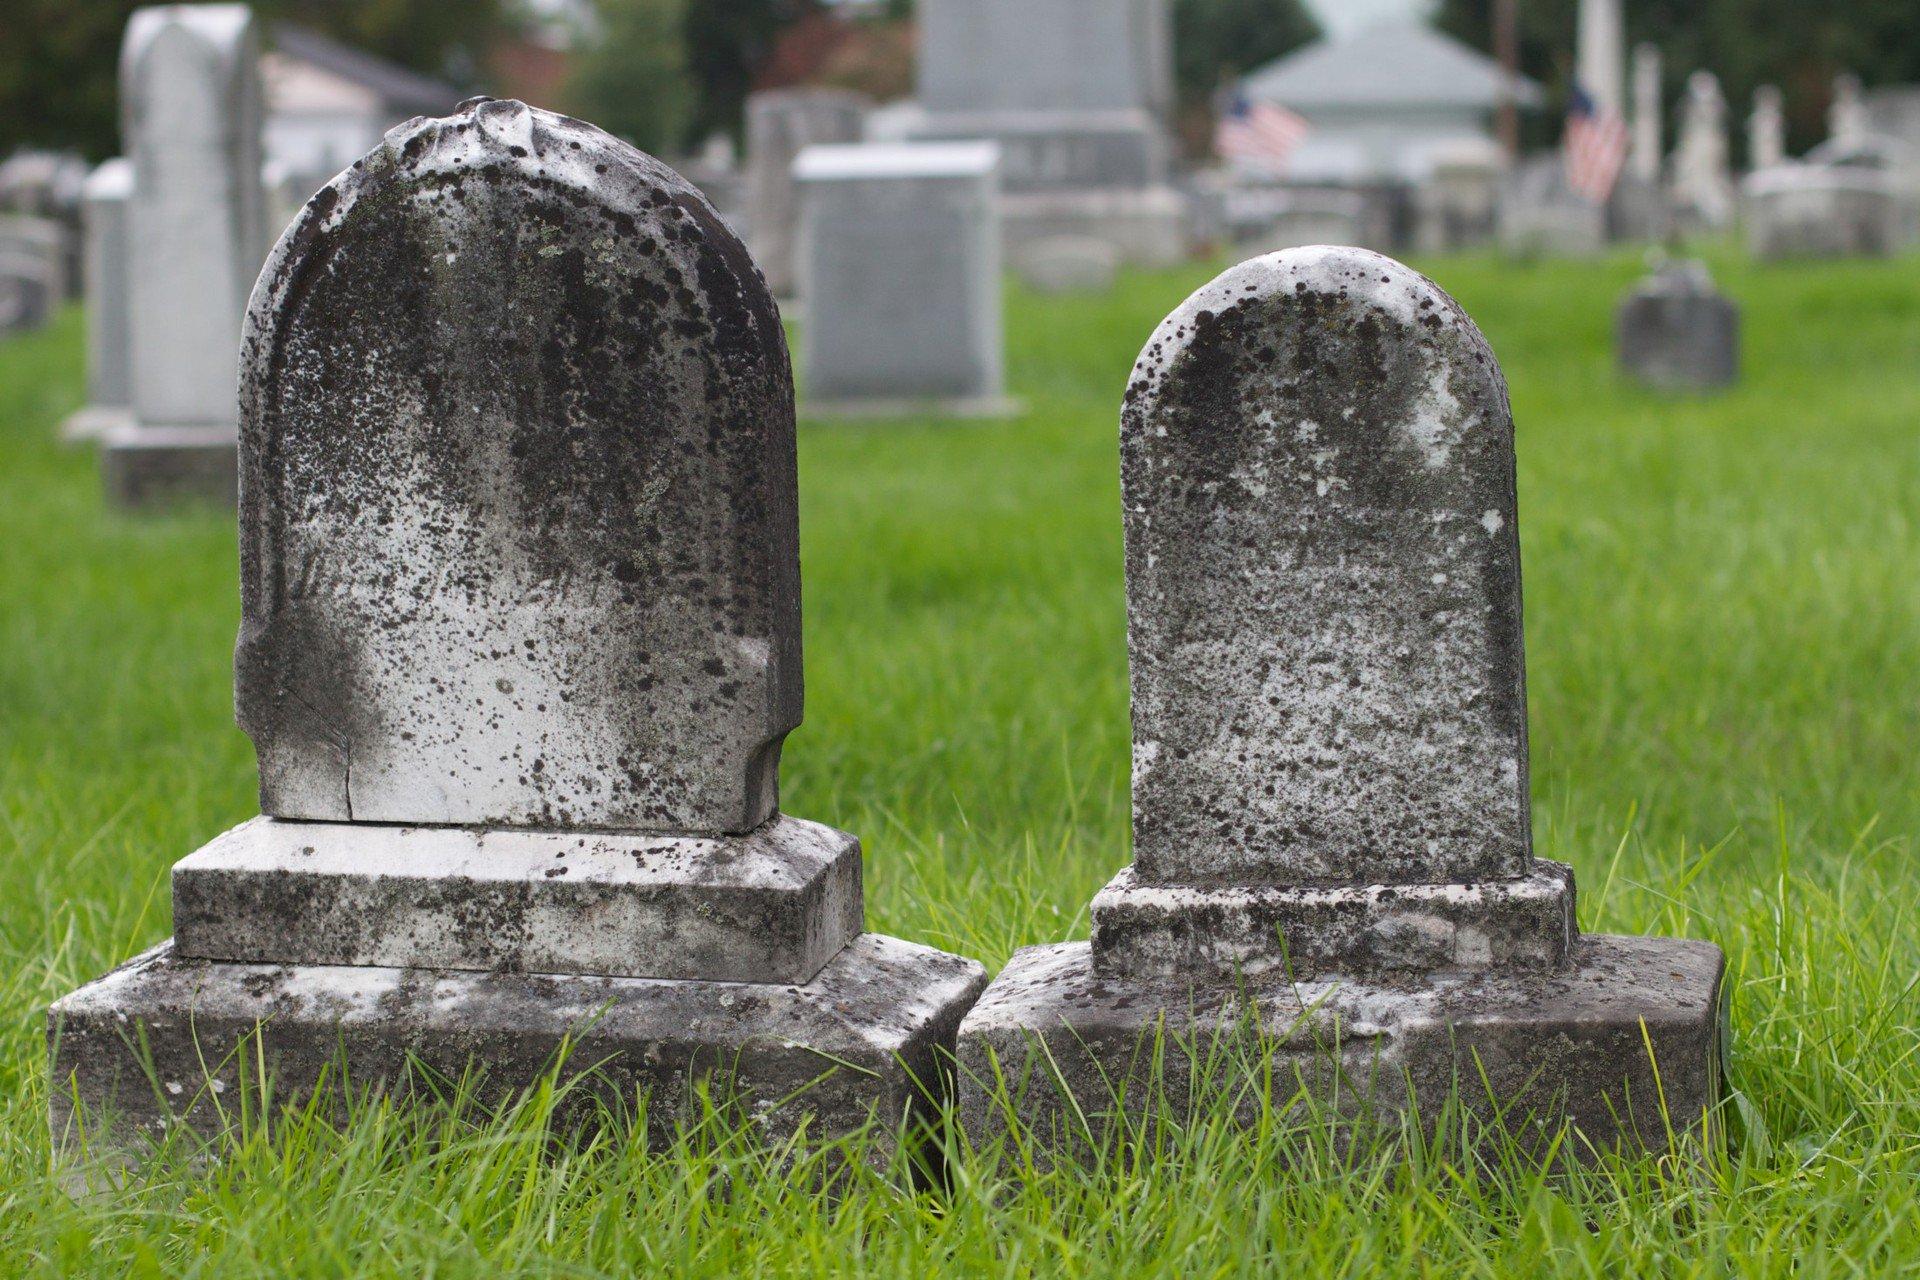 собрали сон надгробие с фото живого человека ближайшее время выпустит